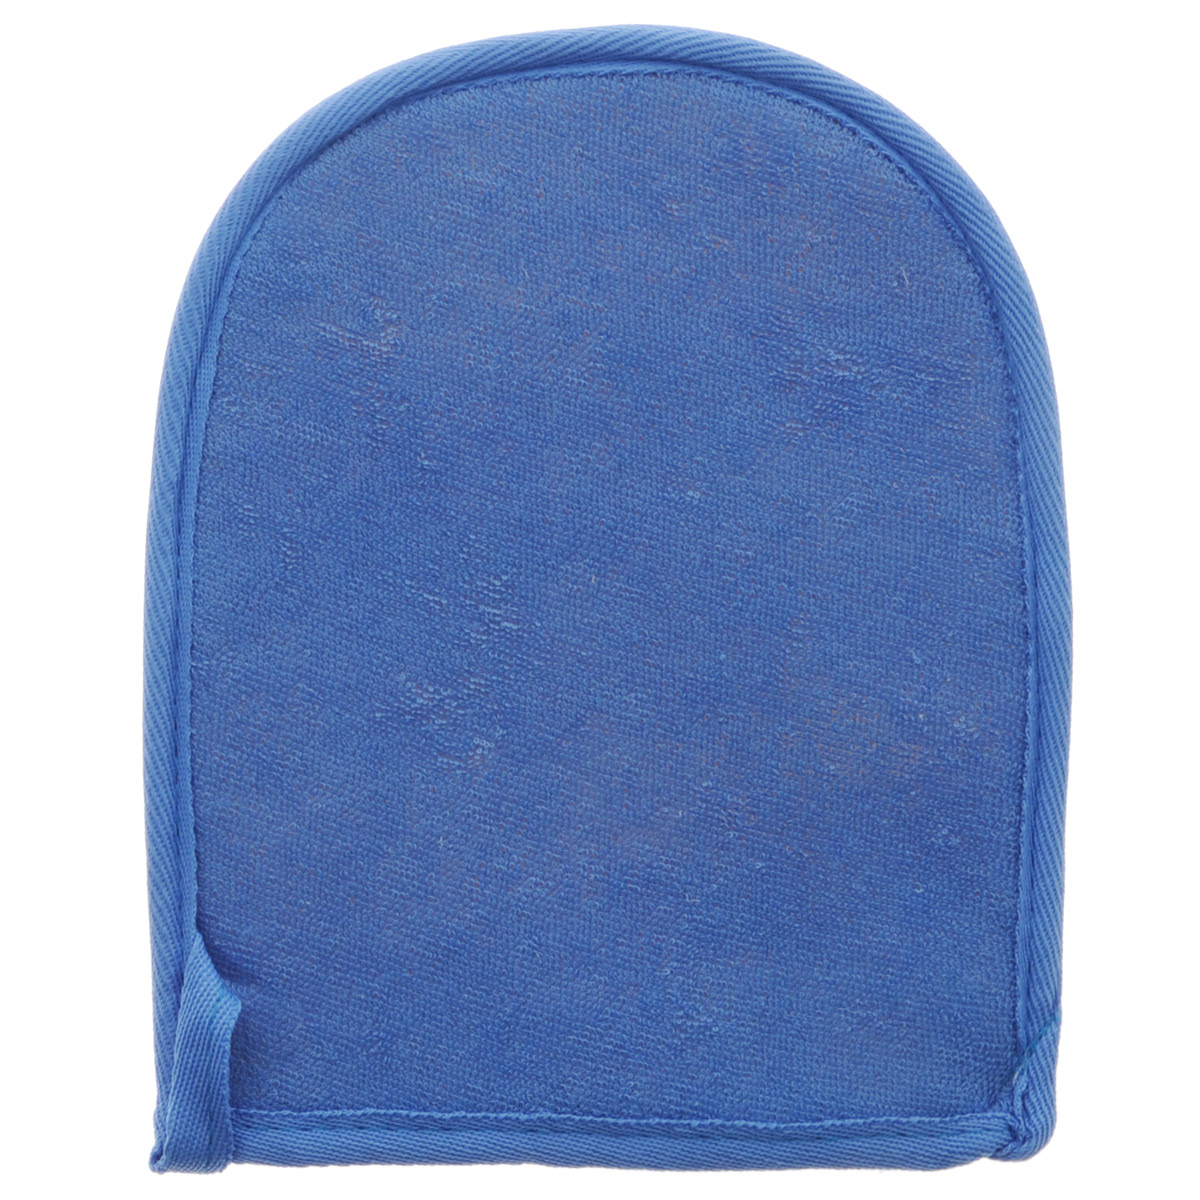 Мочалка-рукавица Home Queen, из люфы, цвет: синий, 20 х 16 смSC-FM20104Мочалка-рукавица Home Queen, изготовленная из люфы, прекрасно очищает и массирует кожу, улучшает циркуляцию крови и обмен веществ. Обладает эффектом скраба - мягко отшелушивает верхний слой эпидермиса, стимулируя рост новых, молодых клеток, делает кожу здоровой и красивой. Подходит для ежедневного использования.